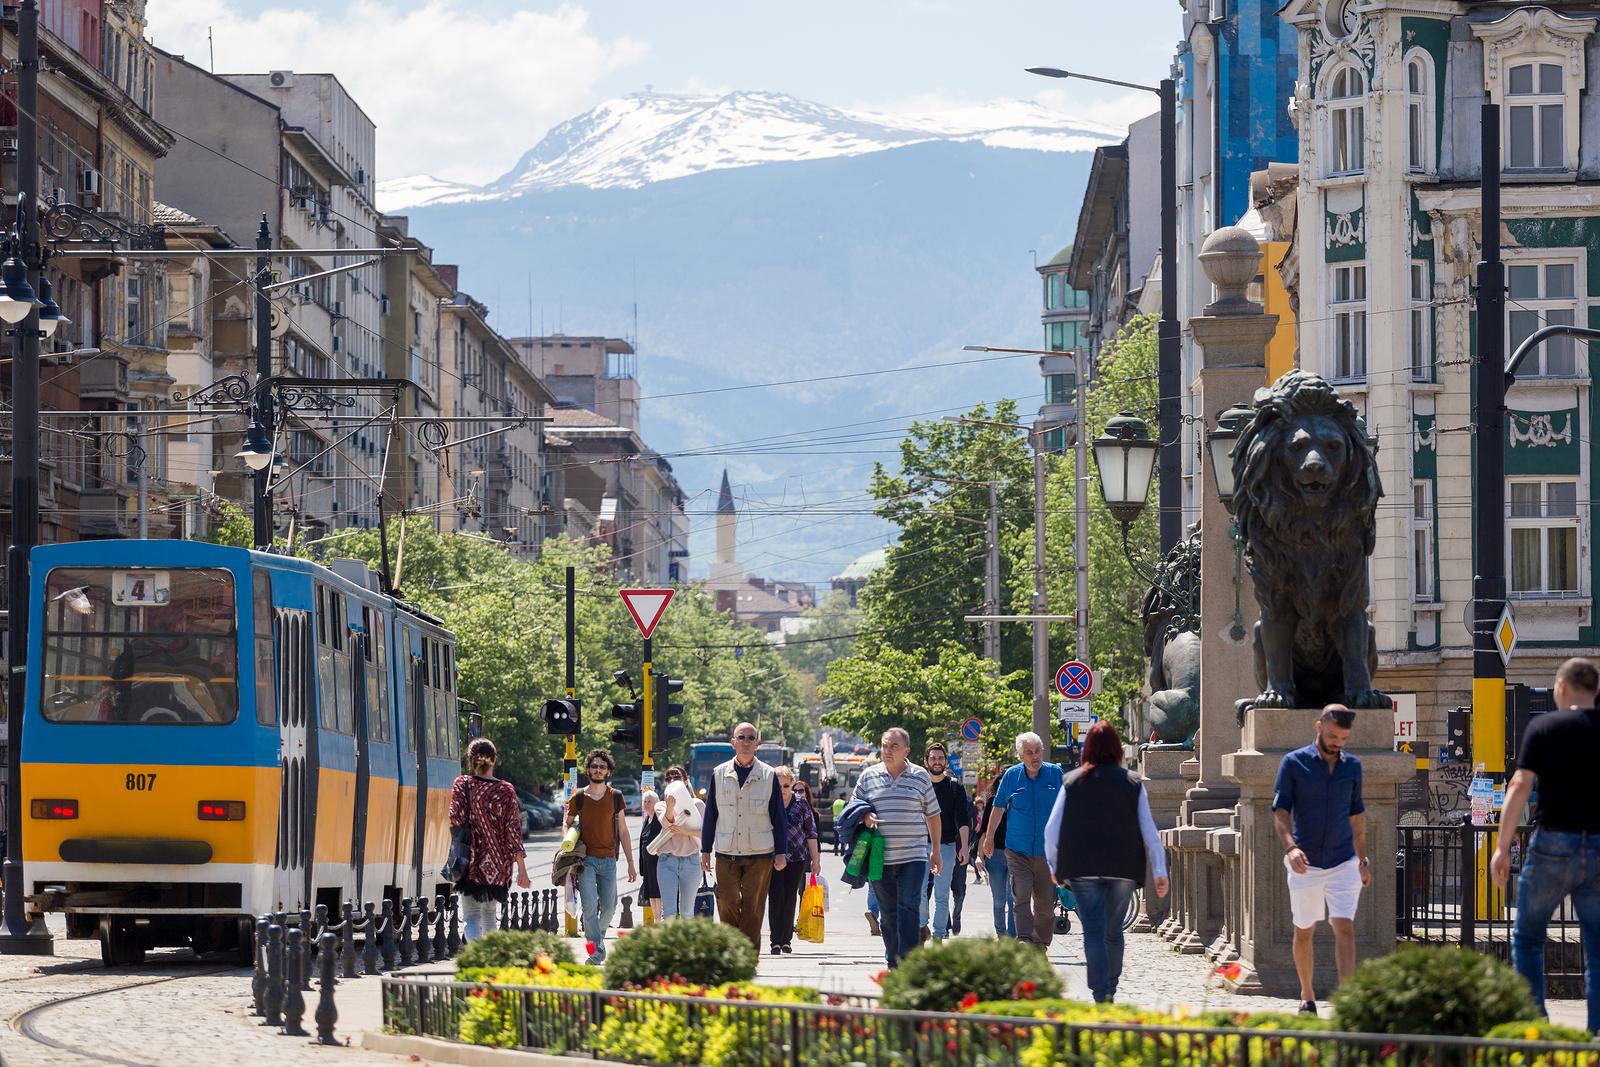 Βουλγαρία: Προσπάθεια της Κυβέρνησης να στηρίξει οικονομία και πολίτες εν μέσω πανδημίας